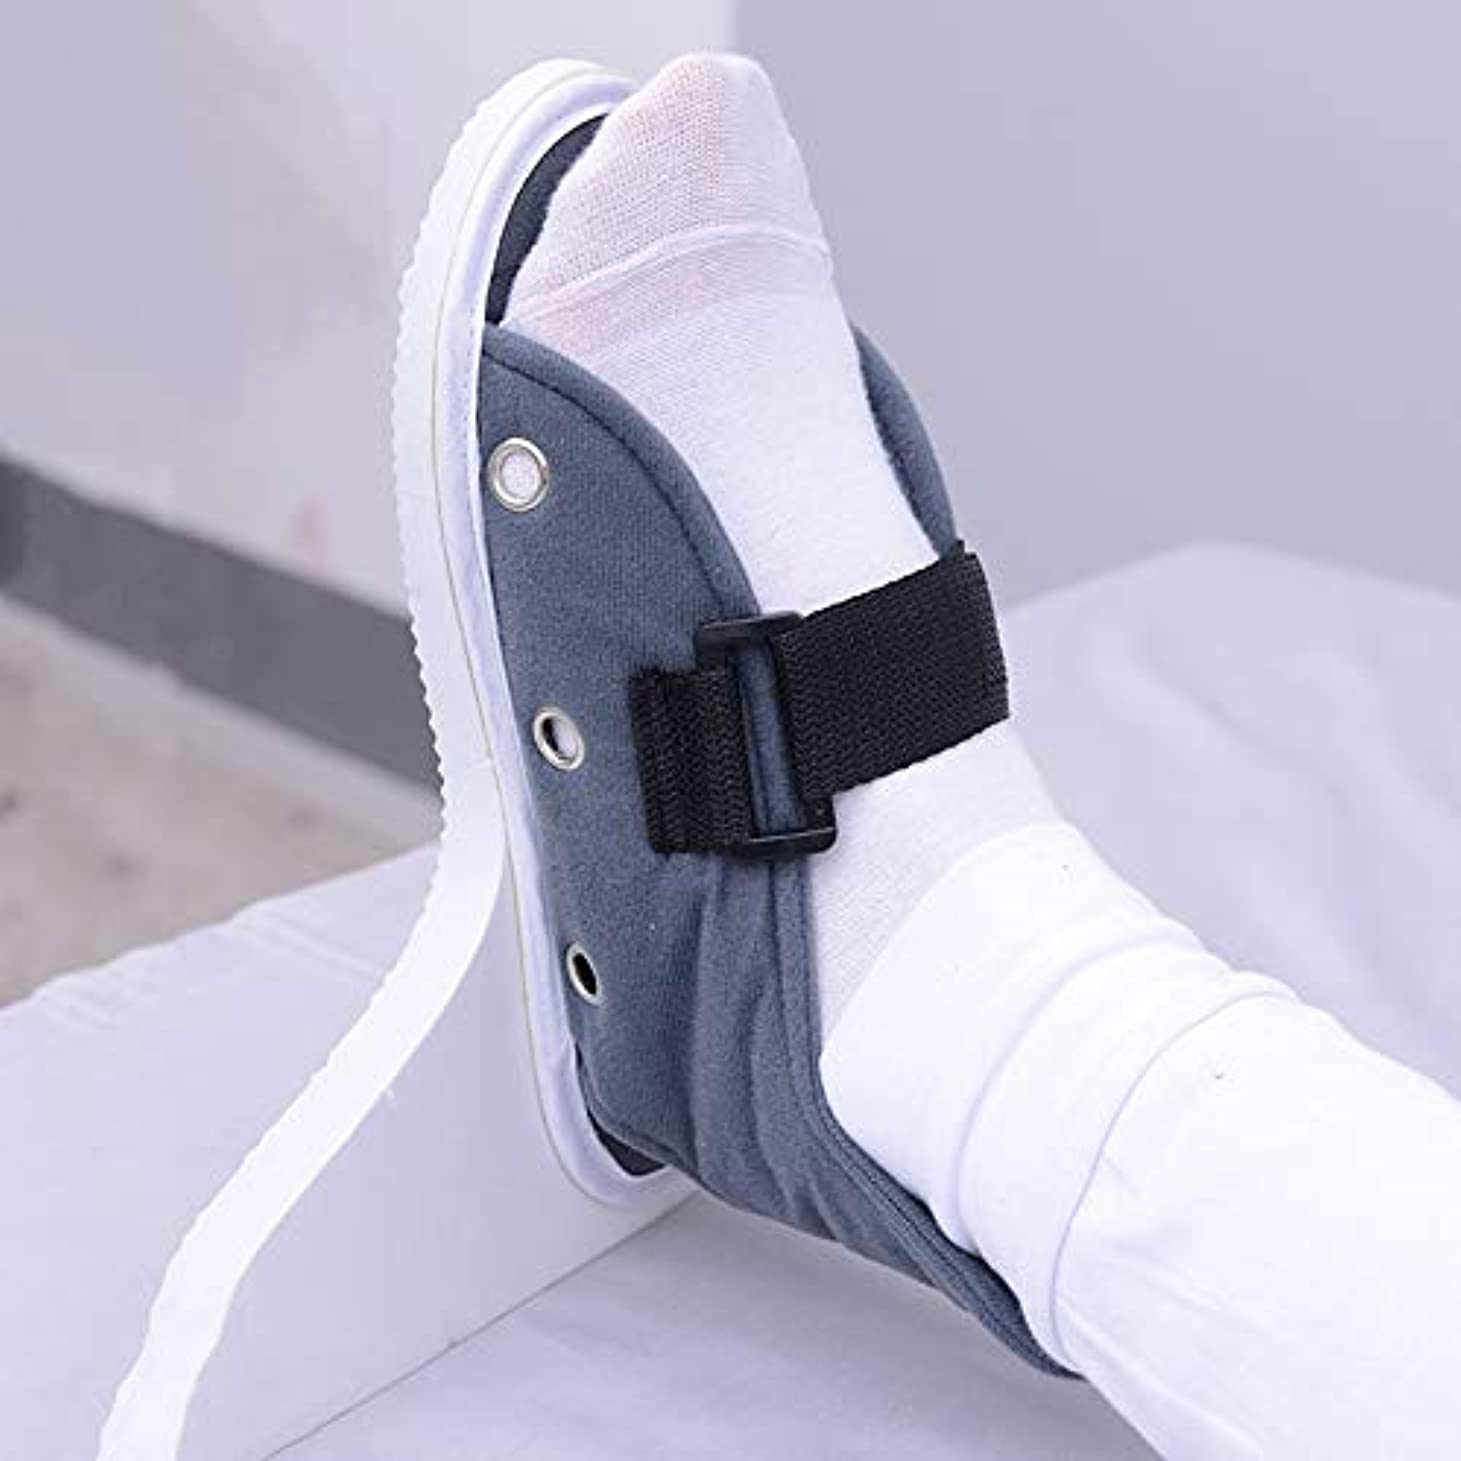 理解する動力学シンジケート1ペア病院固定ブレースヒールプロテクター足の垂れ防止用 - 足首滑り止め固定具アンチスピンシューズ高齢者用